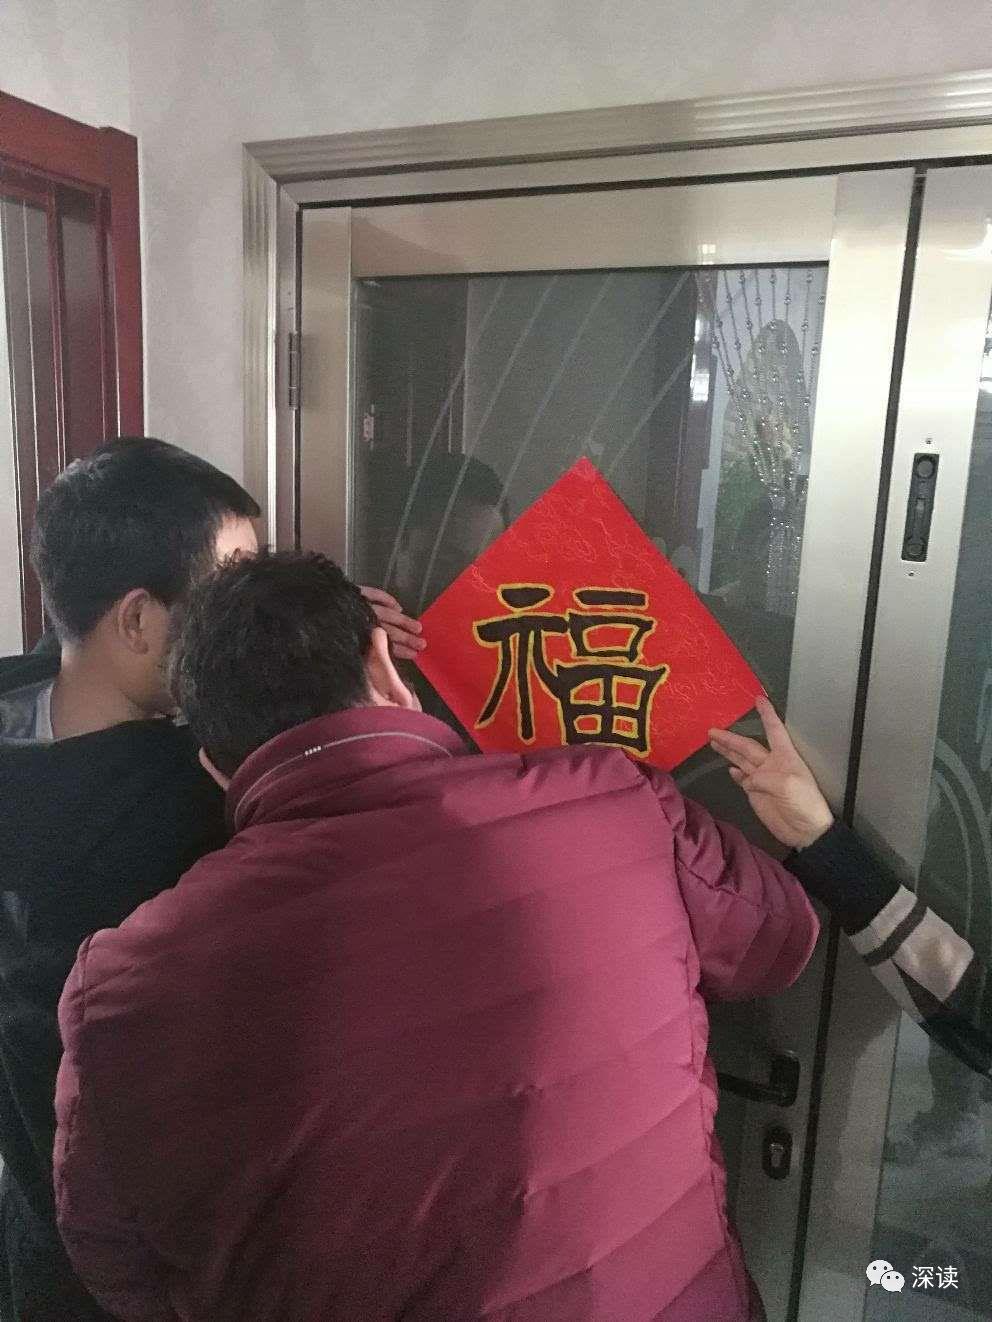 北京市教育矫治局批准部分服刑人员回家探亲,小林(化名)和家人一起贴福字